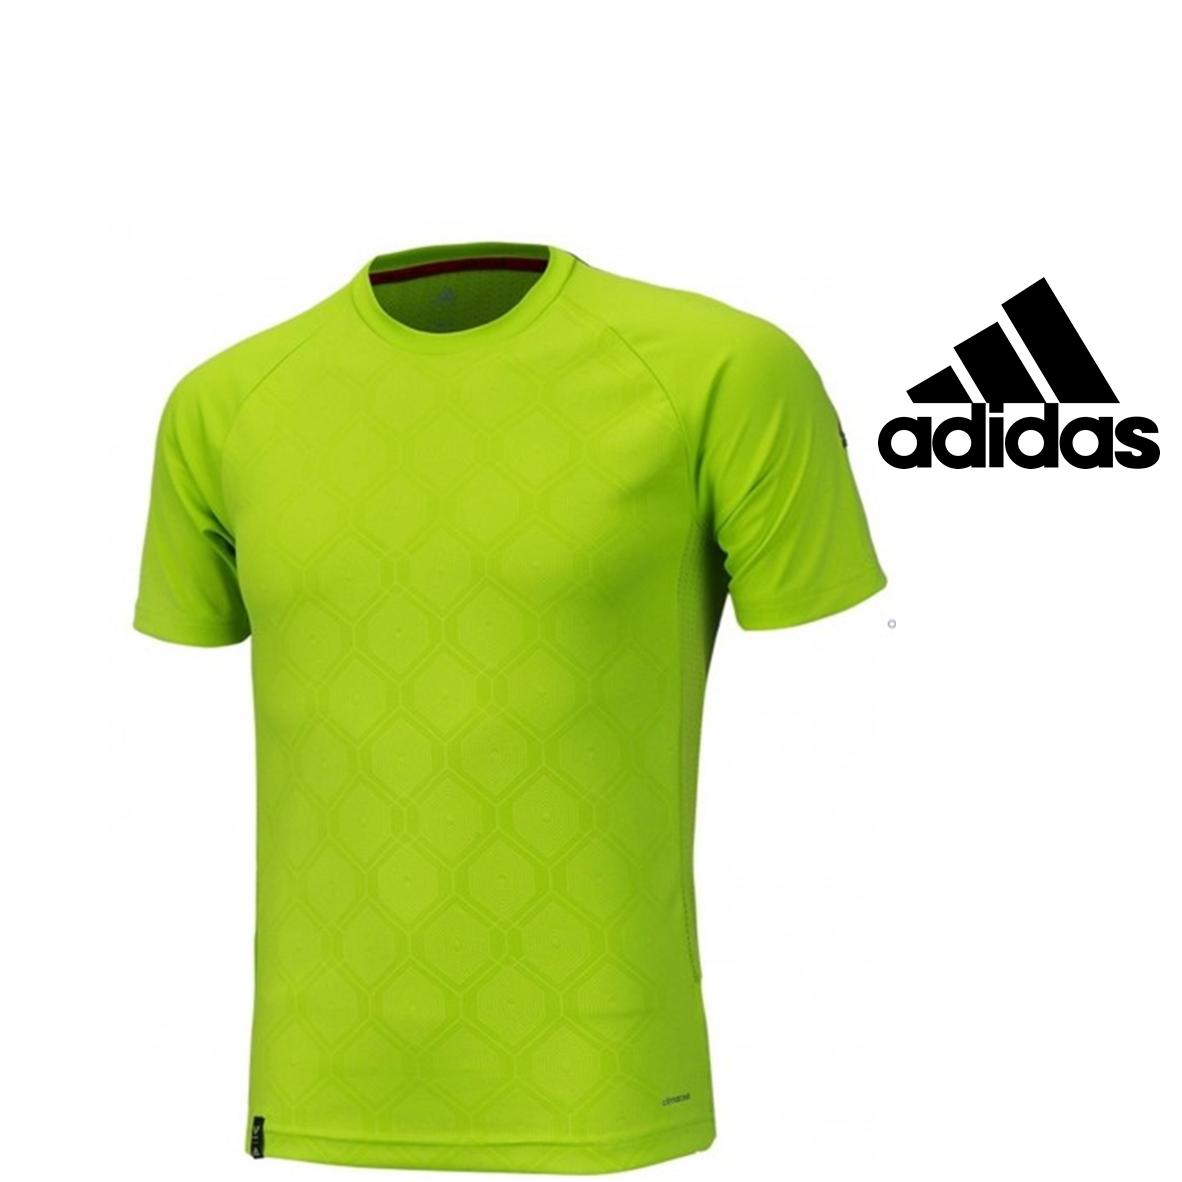 Arqueológico Calumnia Conversacional  Adidas® Camiseta verde fluorescente | CLIMACOOL® - You Like It